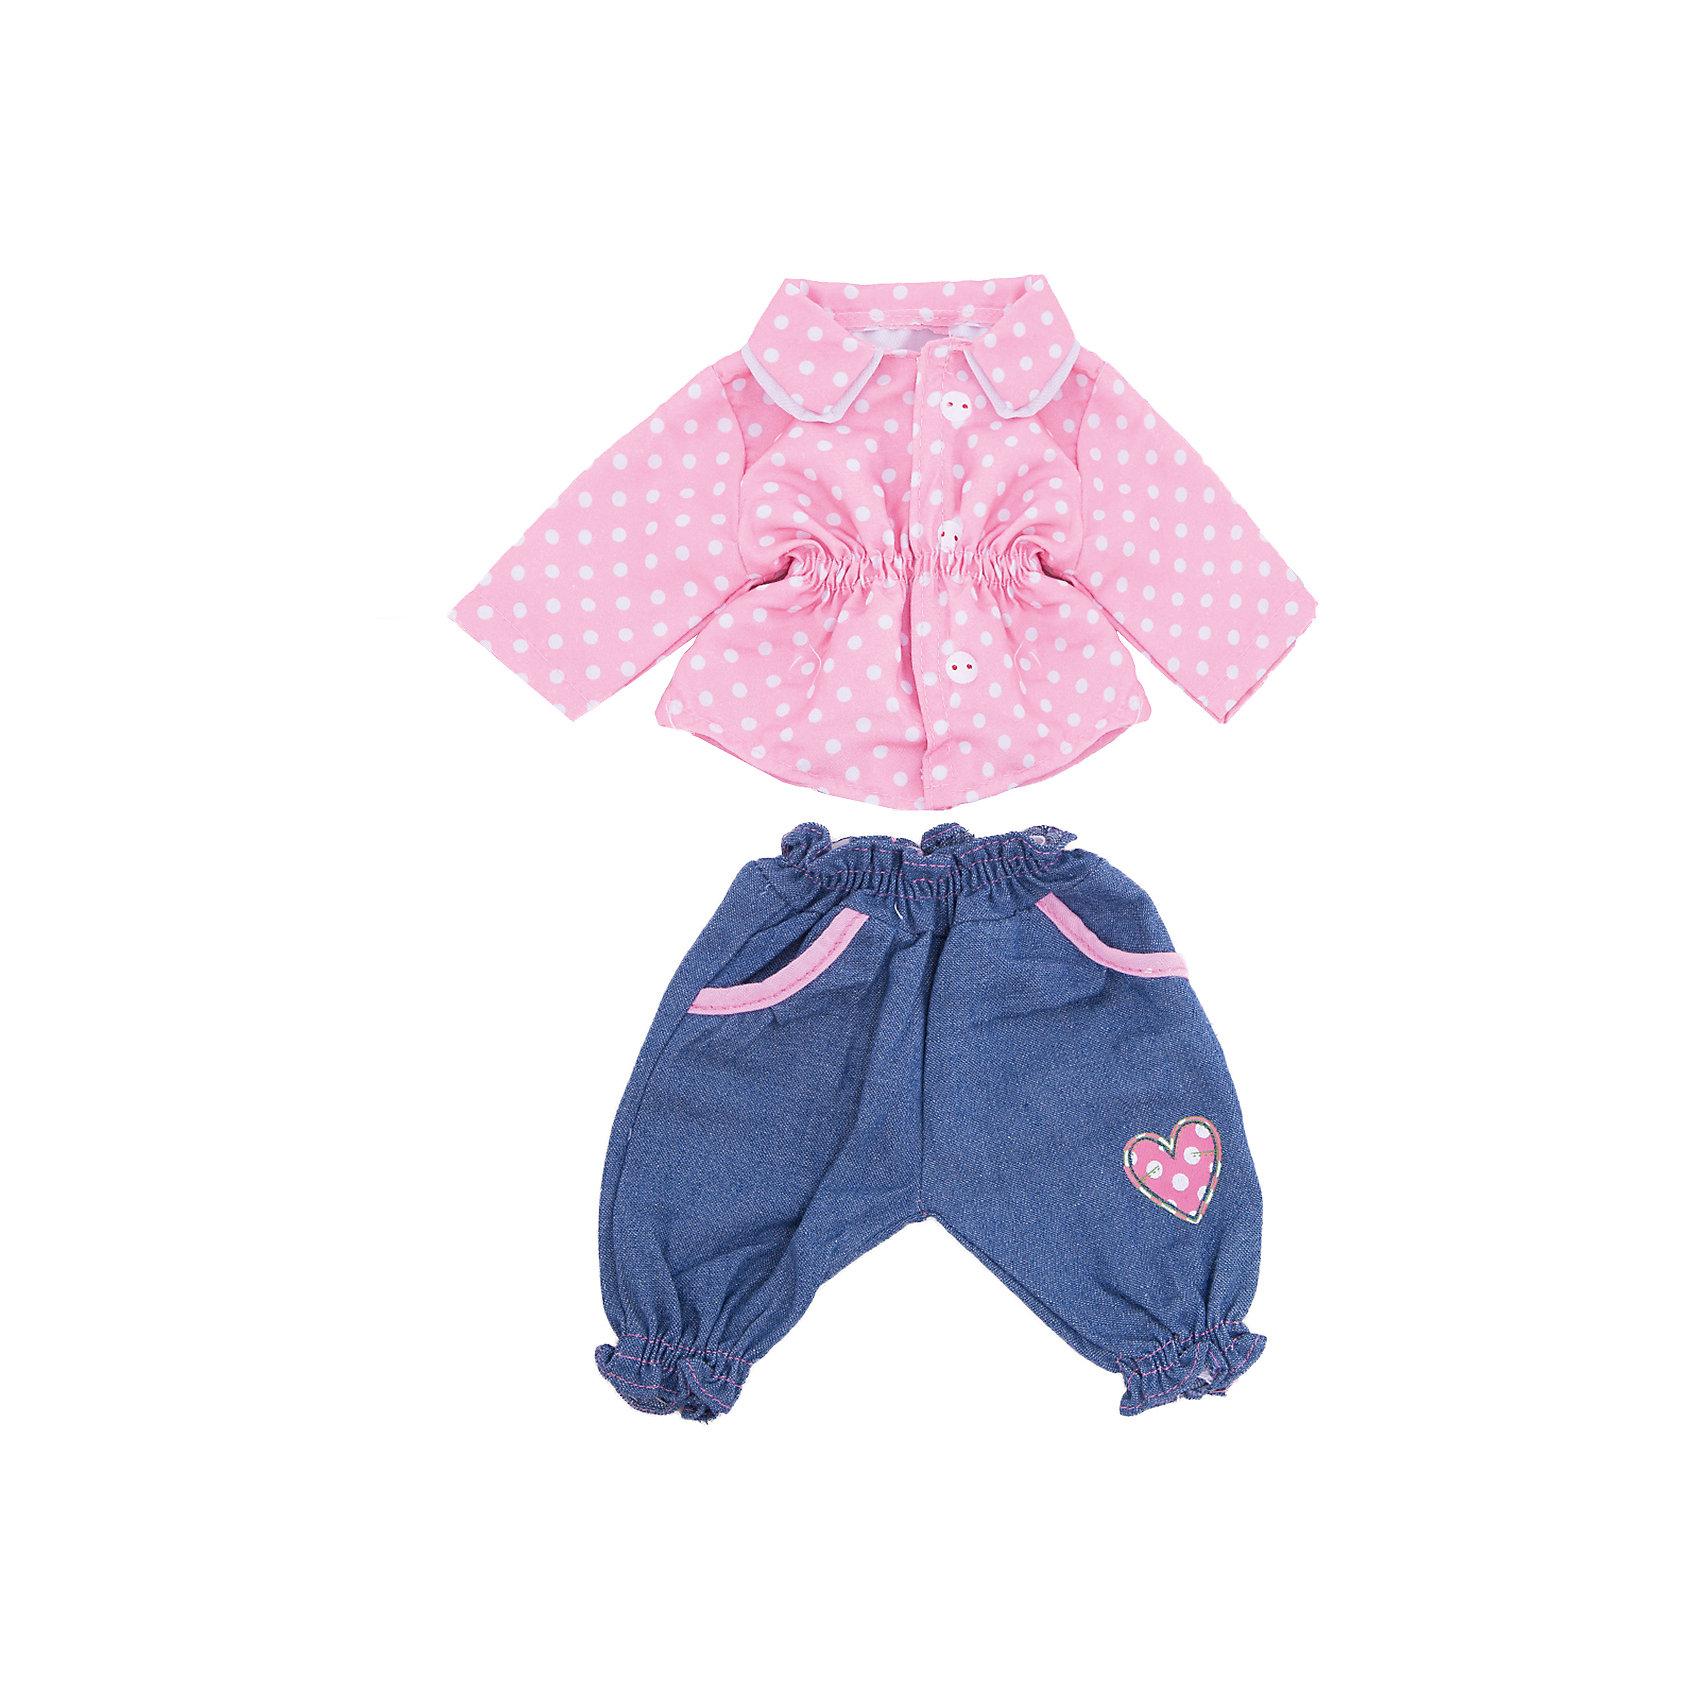 Одежда для куклы 42 см, кофточка и штанишки, Mary PoppinsКукольная одежда и аксессуары<br>Одежда для куклы 42 см, кофточка и штанишки, Mary Poppins.<br><br>Характеристики:<br><br>• Комплектация: кофточка, штанишки, вешалка<br>• Высота куклы: 38-42 см.<br>• Материал: текстиль<br>• Цвет: розовый, синий, белый<br>• Упаковка: пакет<br>• Уход: стирка в стиральной машине при температуре 30 ?С<br><br>Куклы тоже любят менять наряды! И для них создается стильная и модная одежда, похожая на одежду для настоящих малышей. Эти синие штанишки с небольшим сердечком на передней стороне и симпатичная нежно-розовая кофточка в горошек ТМ Mary Poppins пополнят гардероб куклы высотой 38-42 см. Наряд для куклы изготовлен из приятной на ощупь ткани, благодаря липучкам кофточку легко снимать и одевать.<br><br>Одежду для куклы 42 см, кофточка и штанишки, Mary Poppins можно купить в нашем интернет-магазине.<br><br>Ширина мм: 220<br>Глубина мм: 330<br>Высота мм: 10<br>Вес г: 103<br>Возраст от месяцев: 24<br>Возраст до месяцев: 2147483647<br>Пол: Женский<br>Возраст: Детский<br>SKU: 5402768